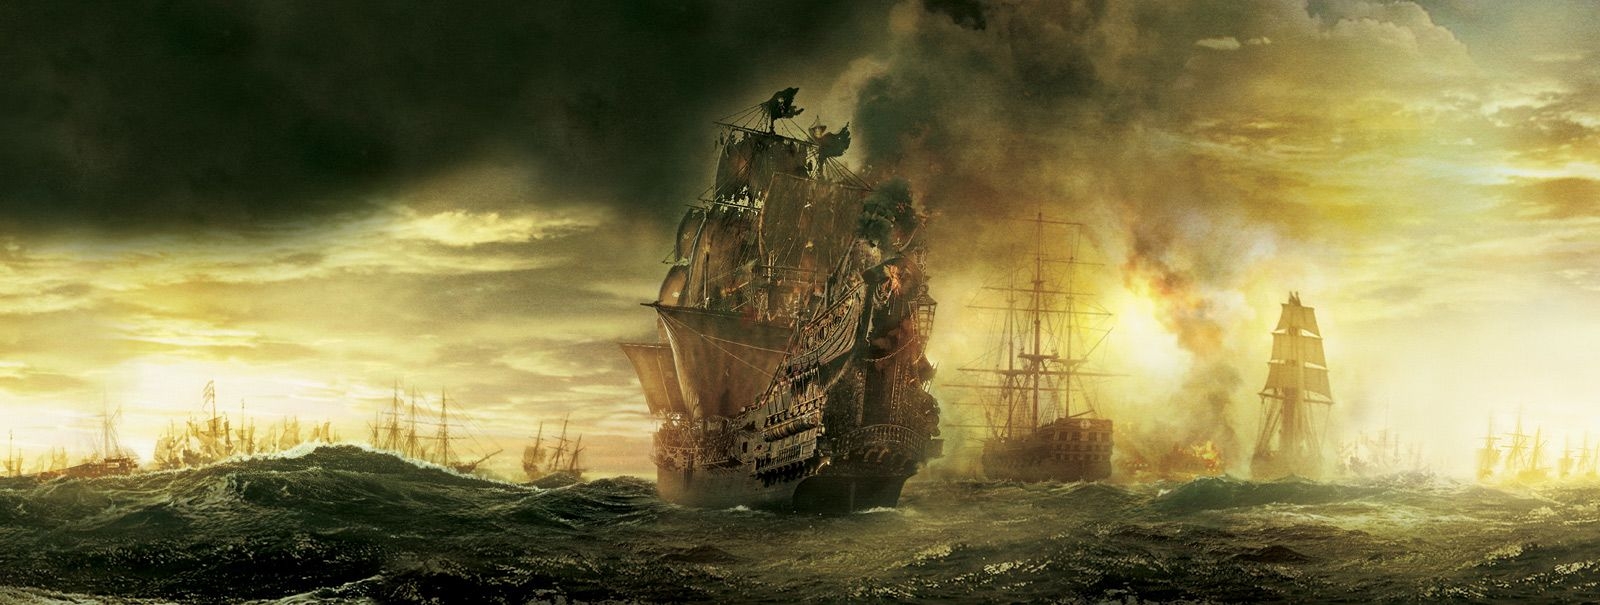 «Смотреть Кино Онлайн Морской Бой В Хорошем Качестве» — 2007